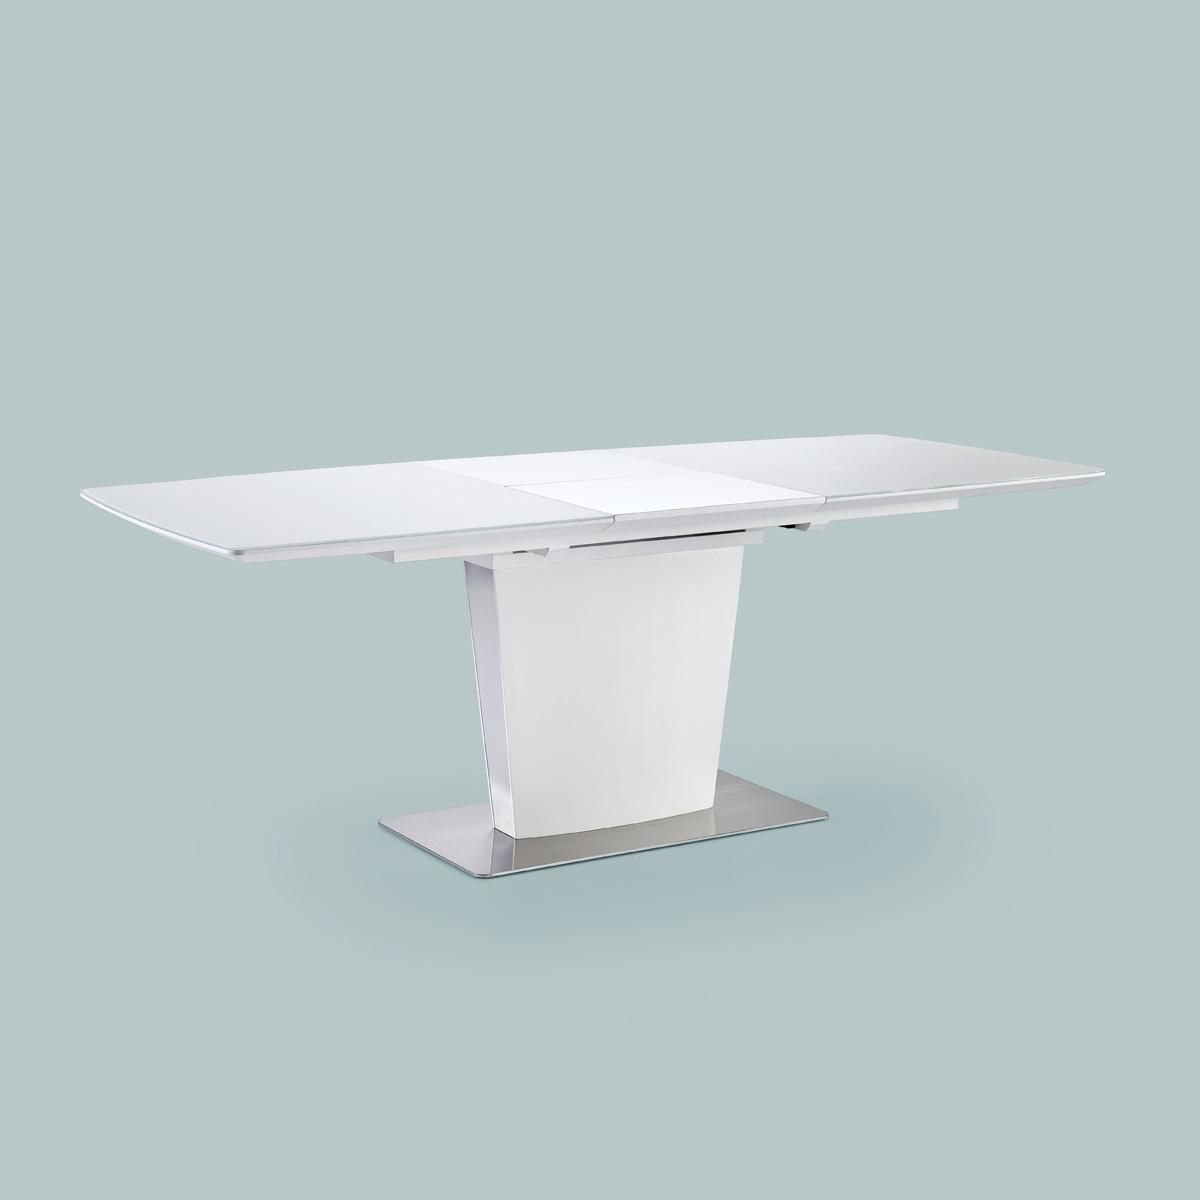 esstisch hanjo tisch esszimmertisch in wei matt lack mit. Black Bedroom Furniture Sets. Home Design Ideas